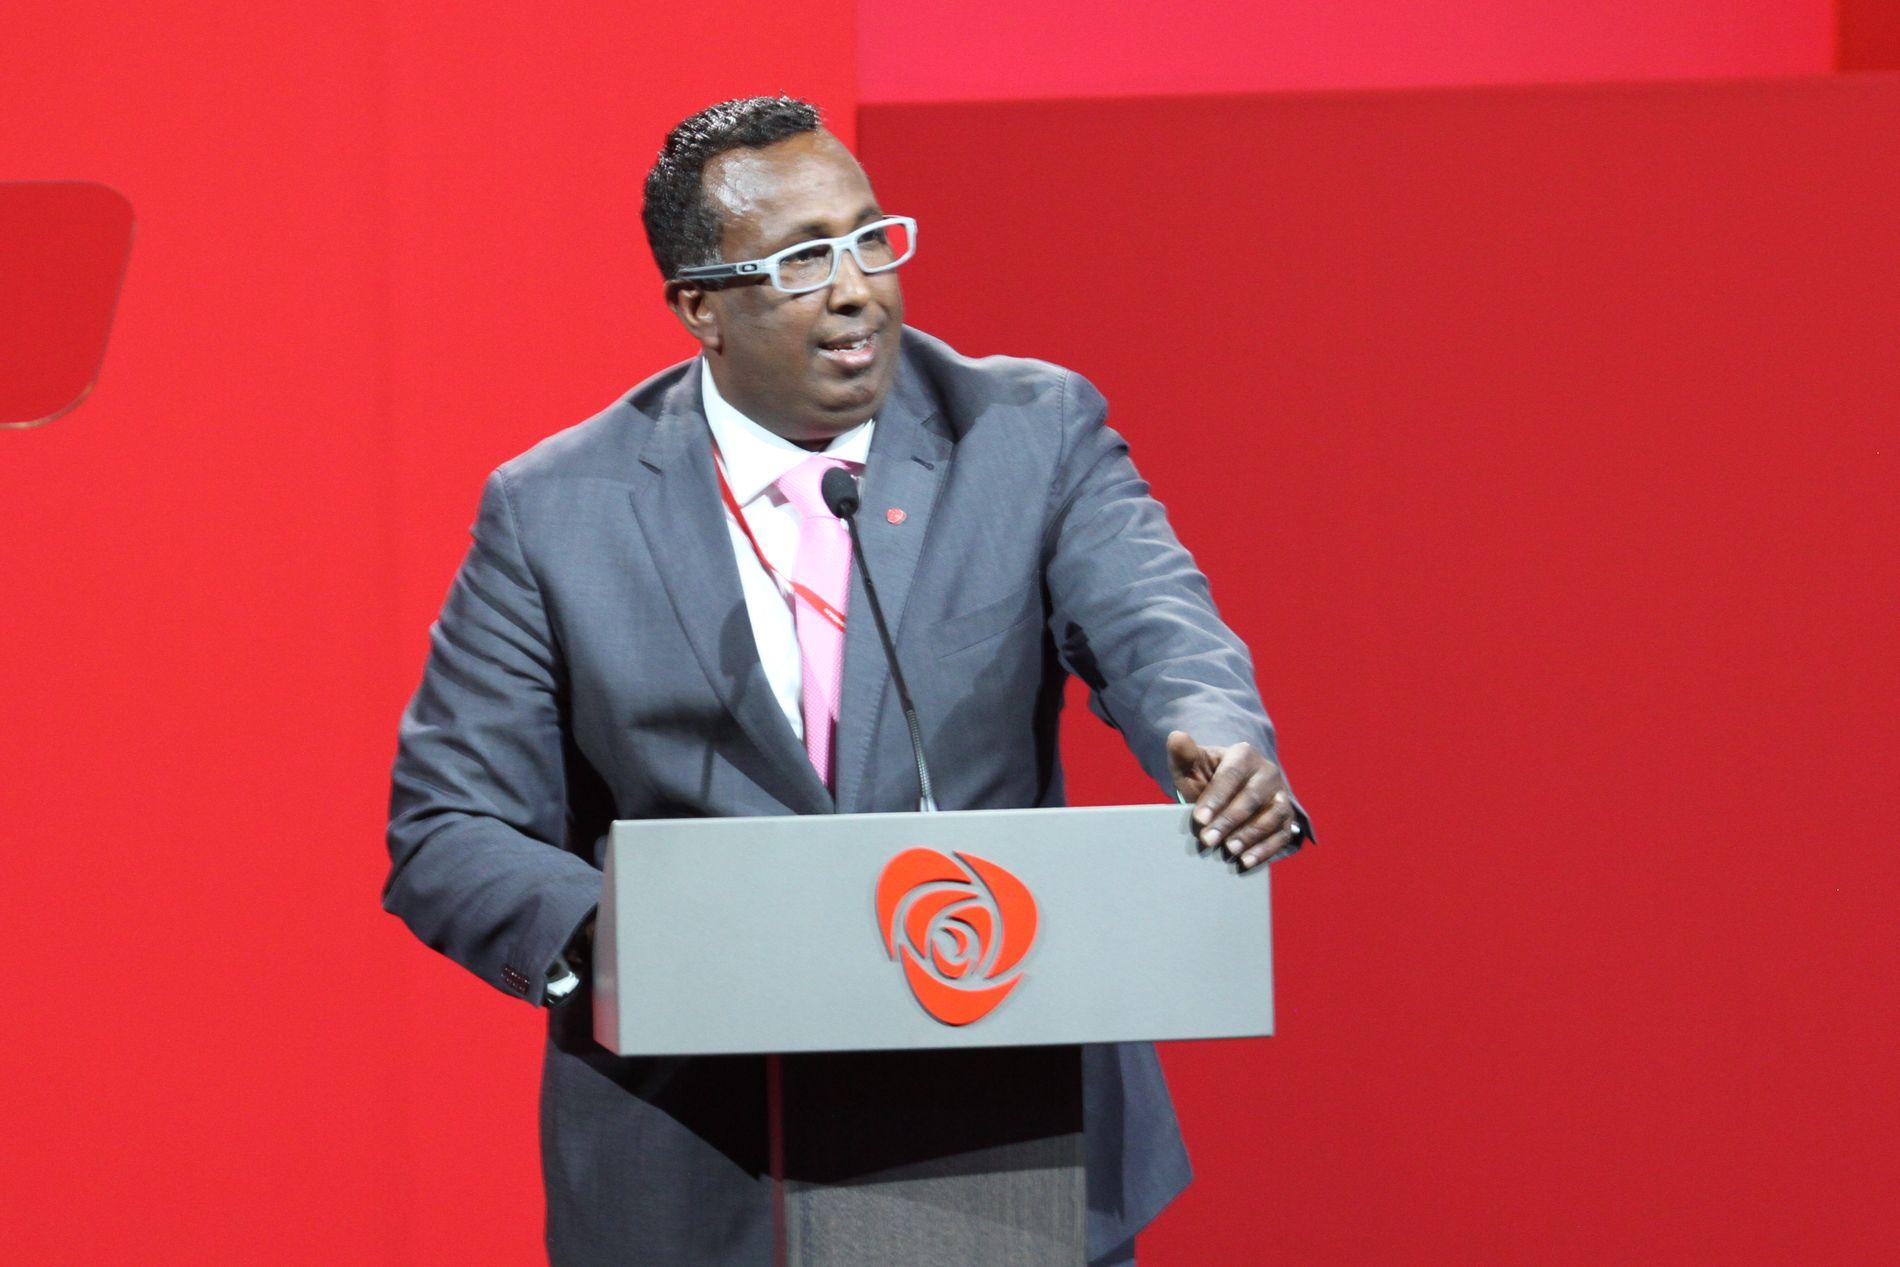 KRITISK: Abdullahi Mohamed Alason har sittet i bystyret i Kristiansand i mange år og jobber som seniorrådgiver i Integrerings- og mangfoldsdirektoratet.